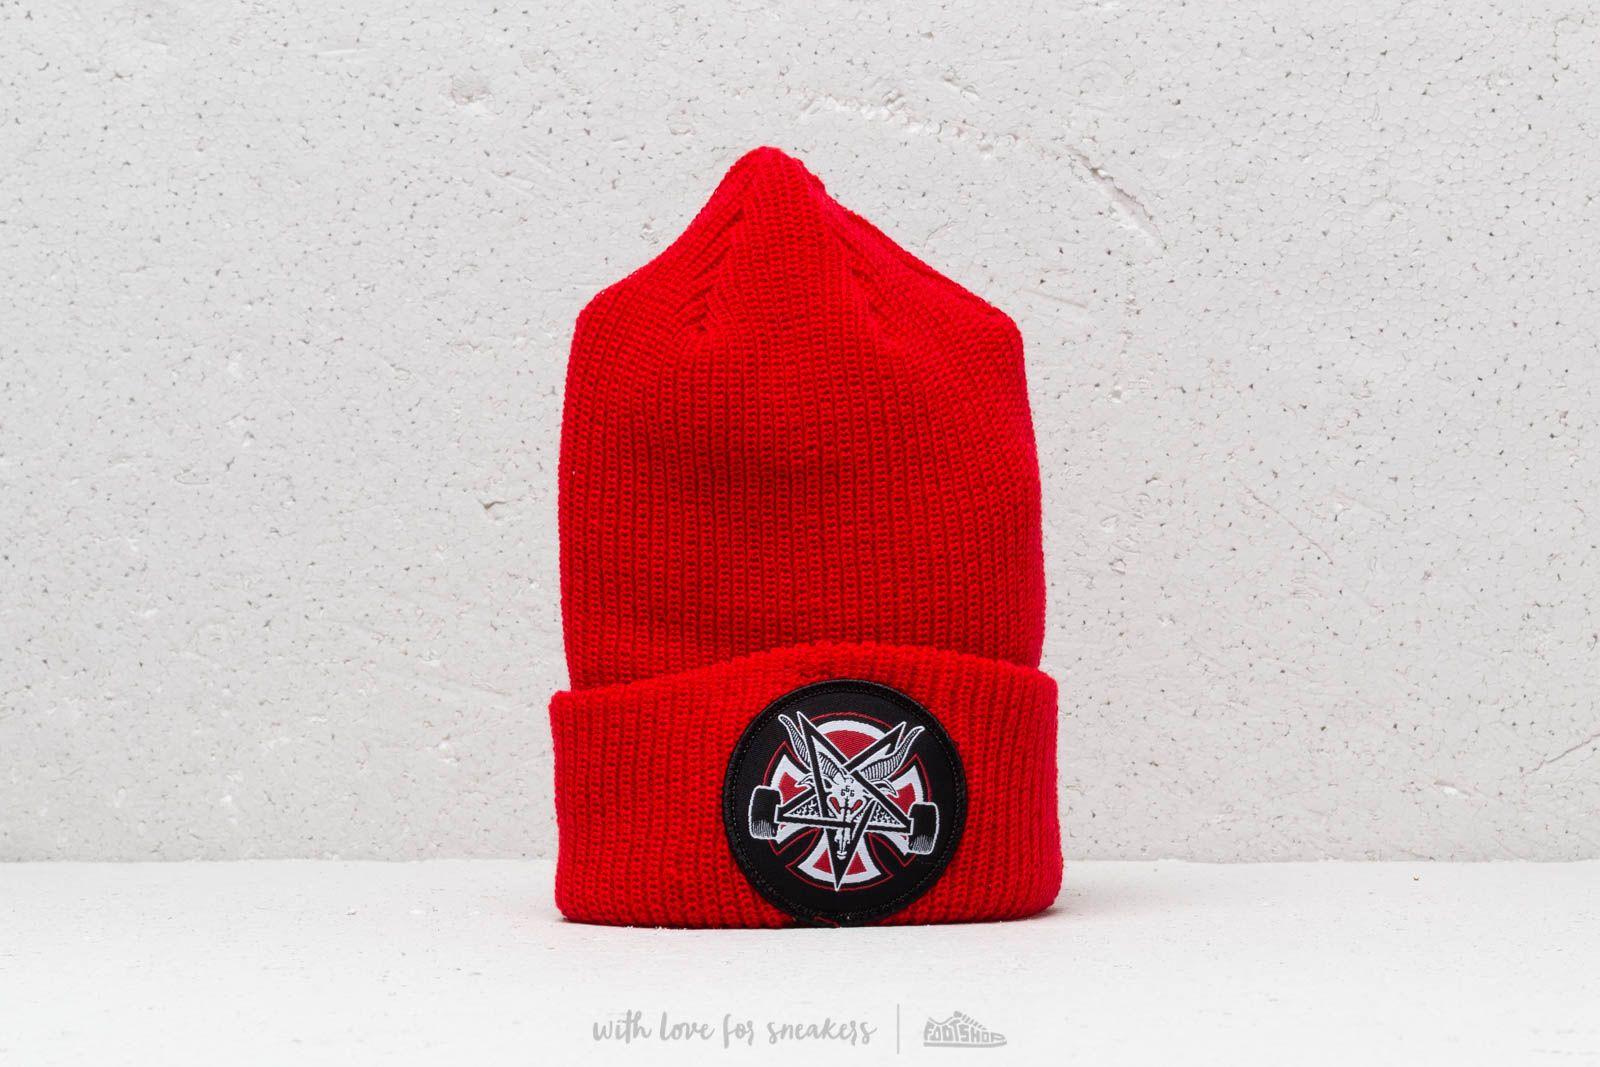 Independent x Thrasher Pentagram Cross Beanie Lipstick za skvělou cenu 499 Kč koupíte na Footshop.cz